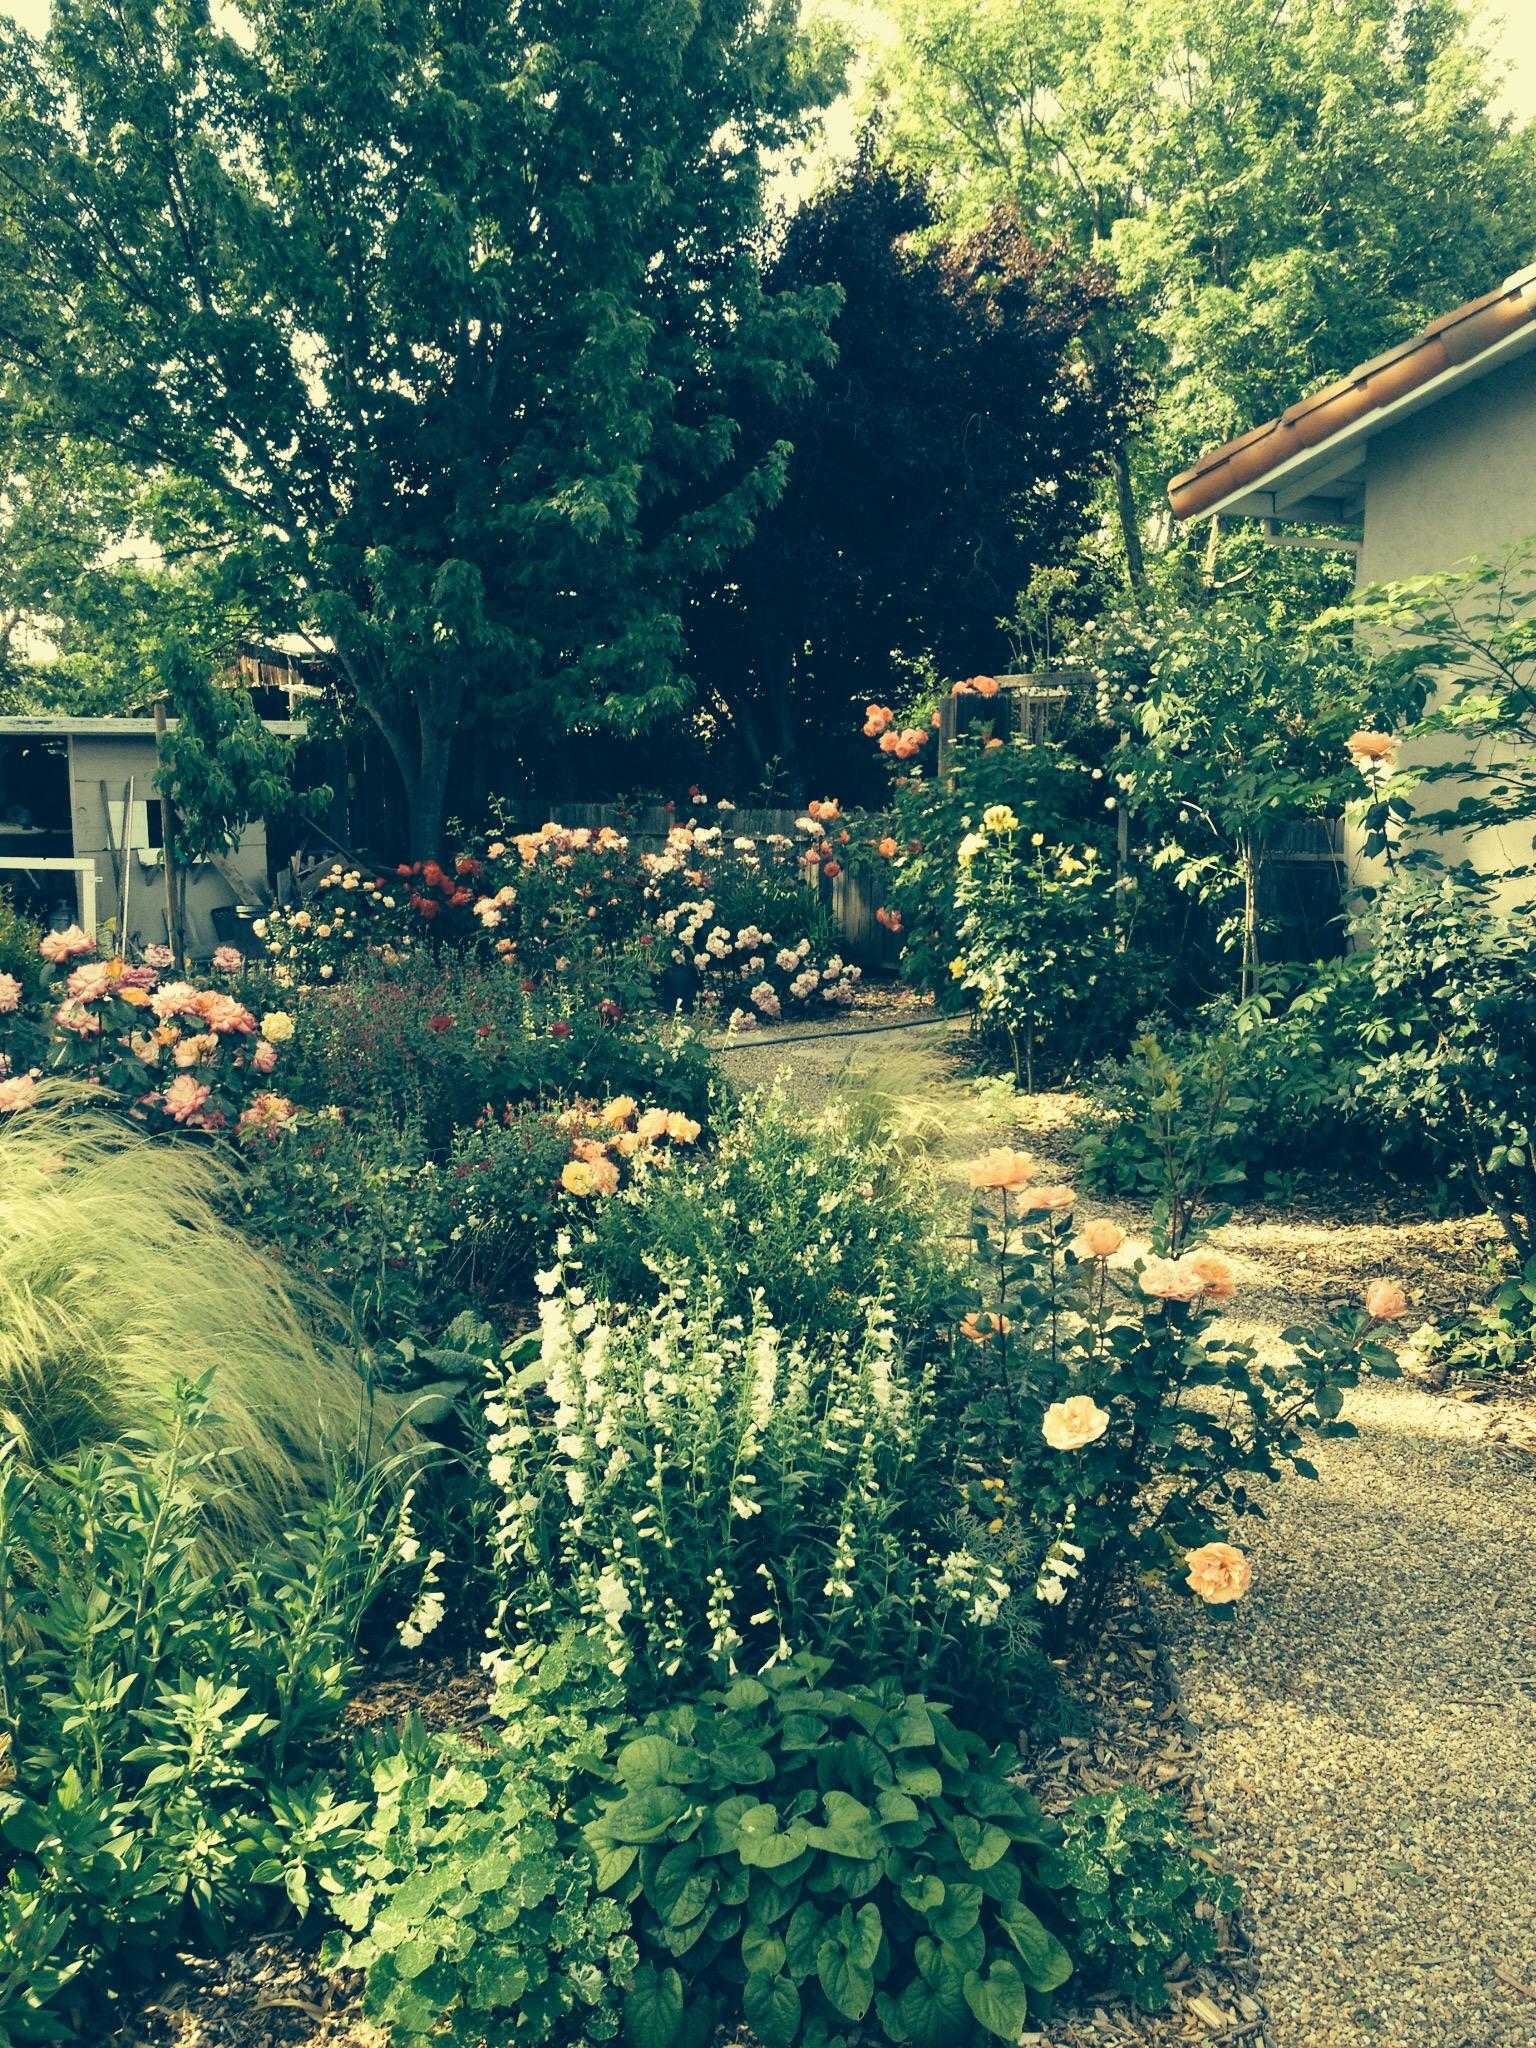 Sonoma landscape design and architecture regina rollin for Sonoma garden designs